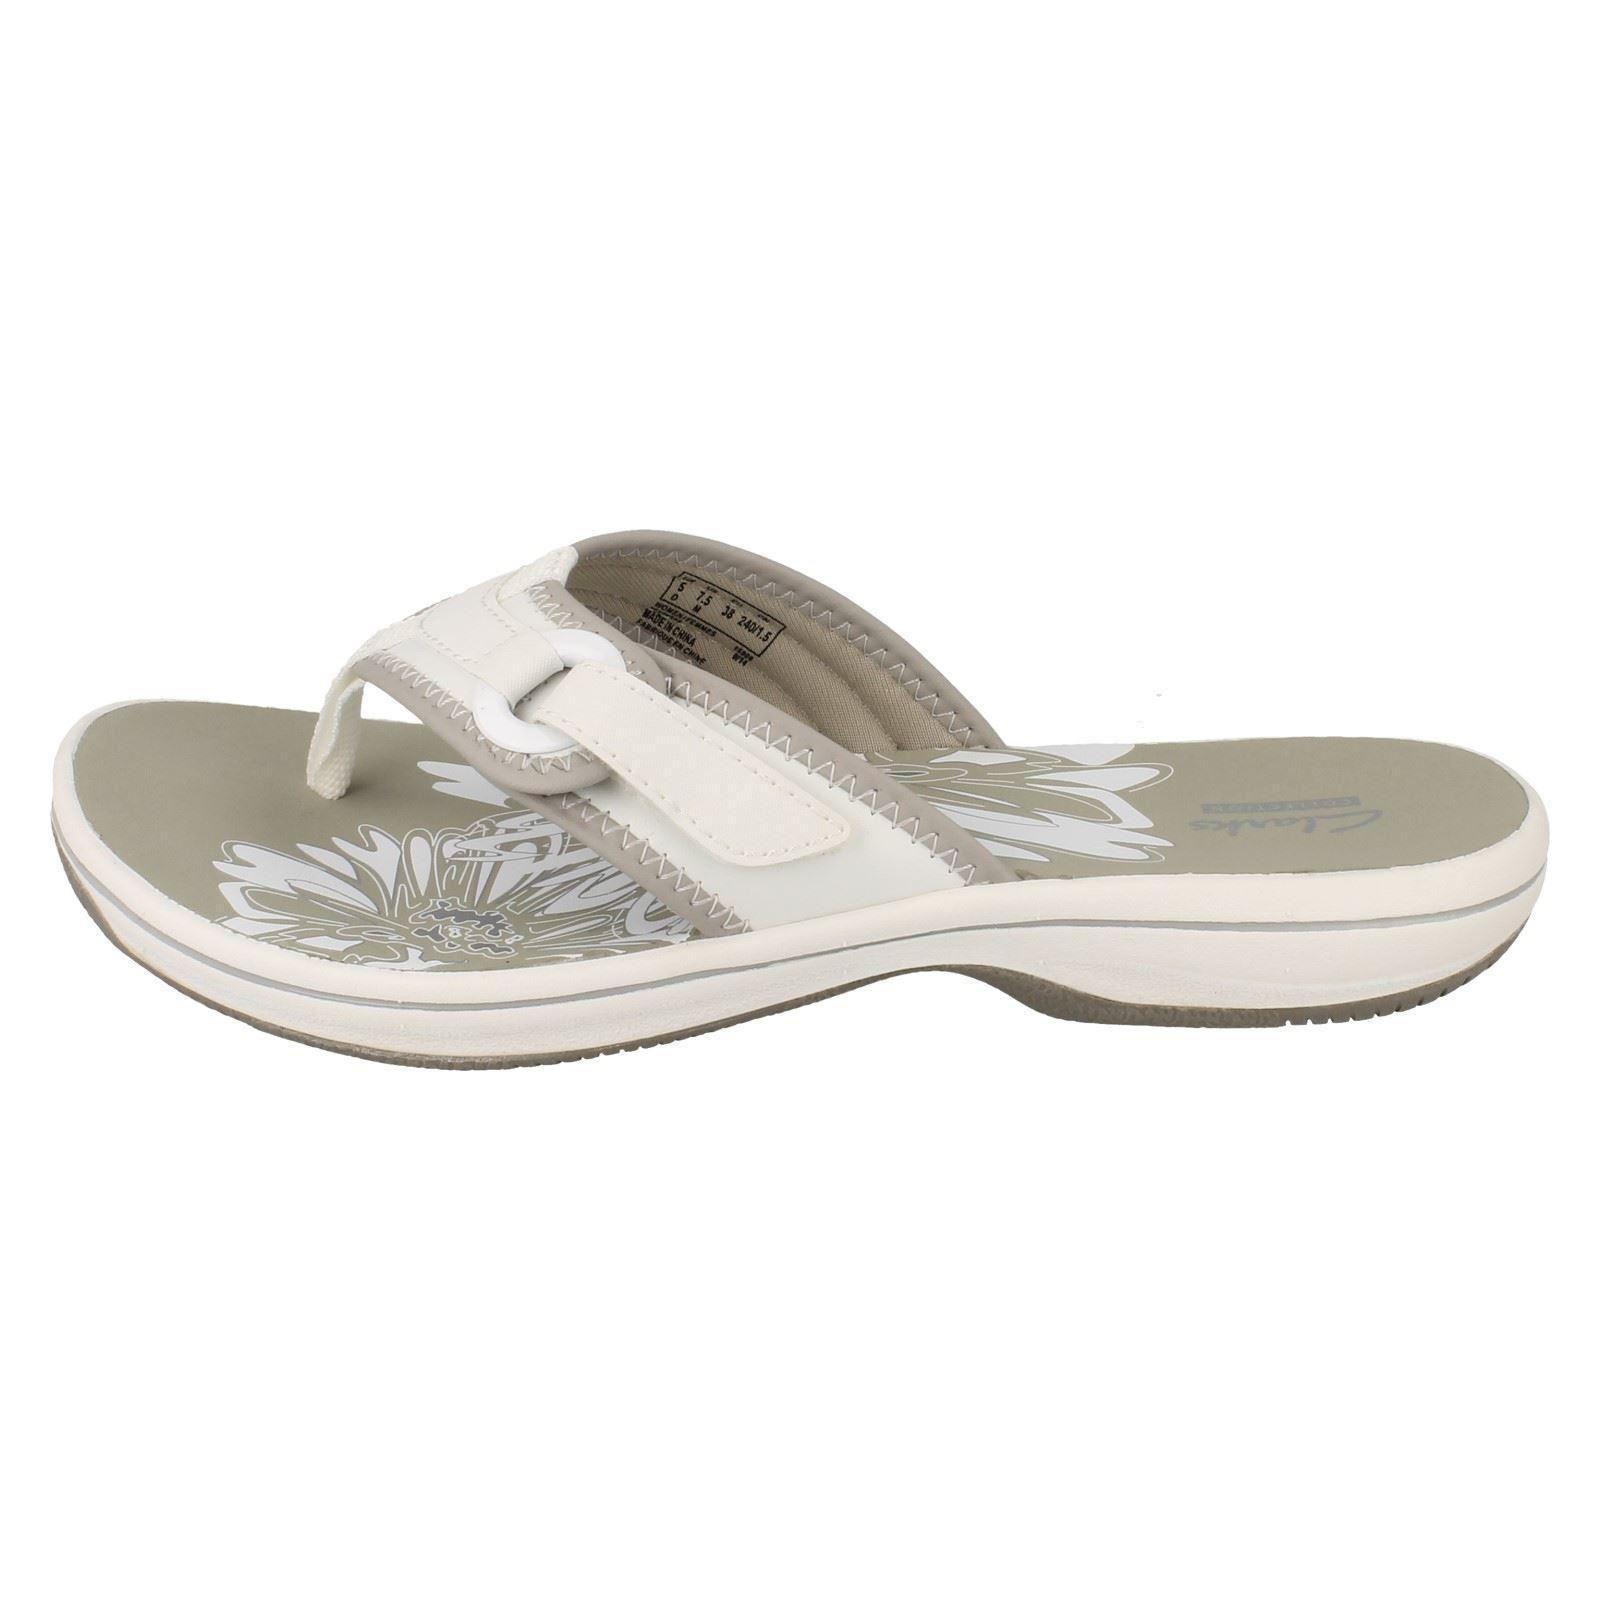 630c6906c Ladies Clarks Flip Flops Brinkley Mila £30.00